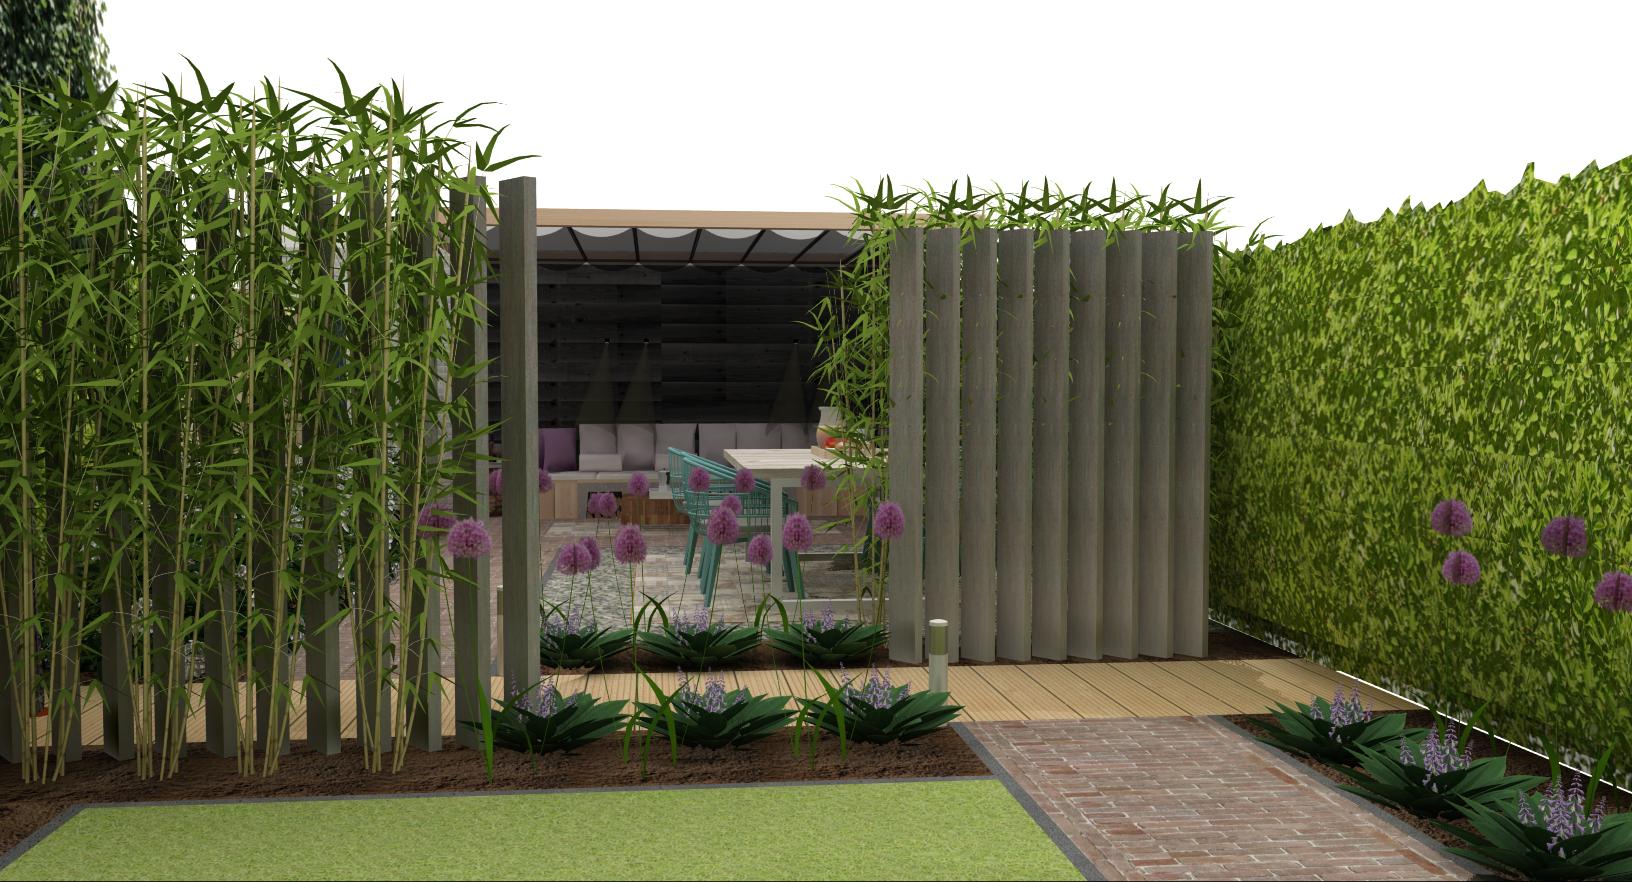 Magnifiek Tuinontwerp 3d inspiratie standaard tuin voorbeelden #WN89